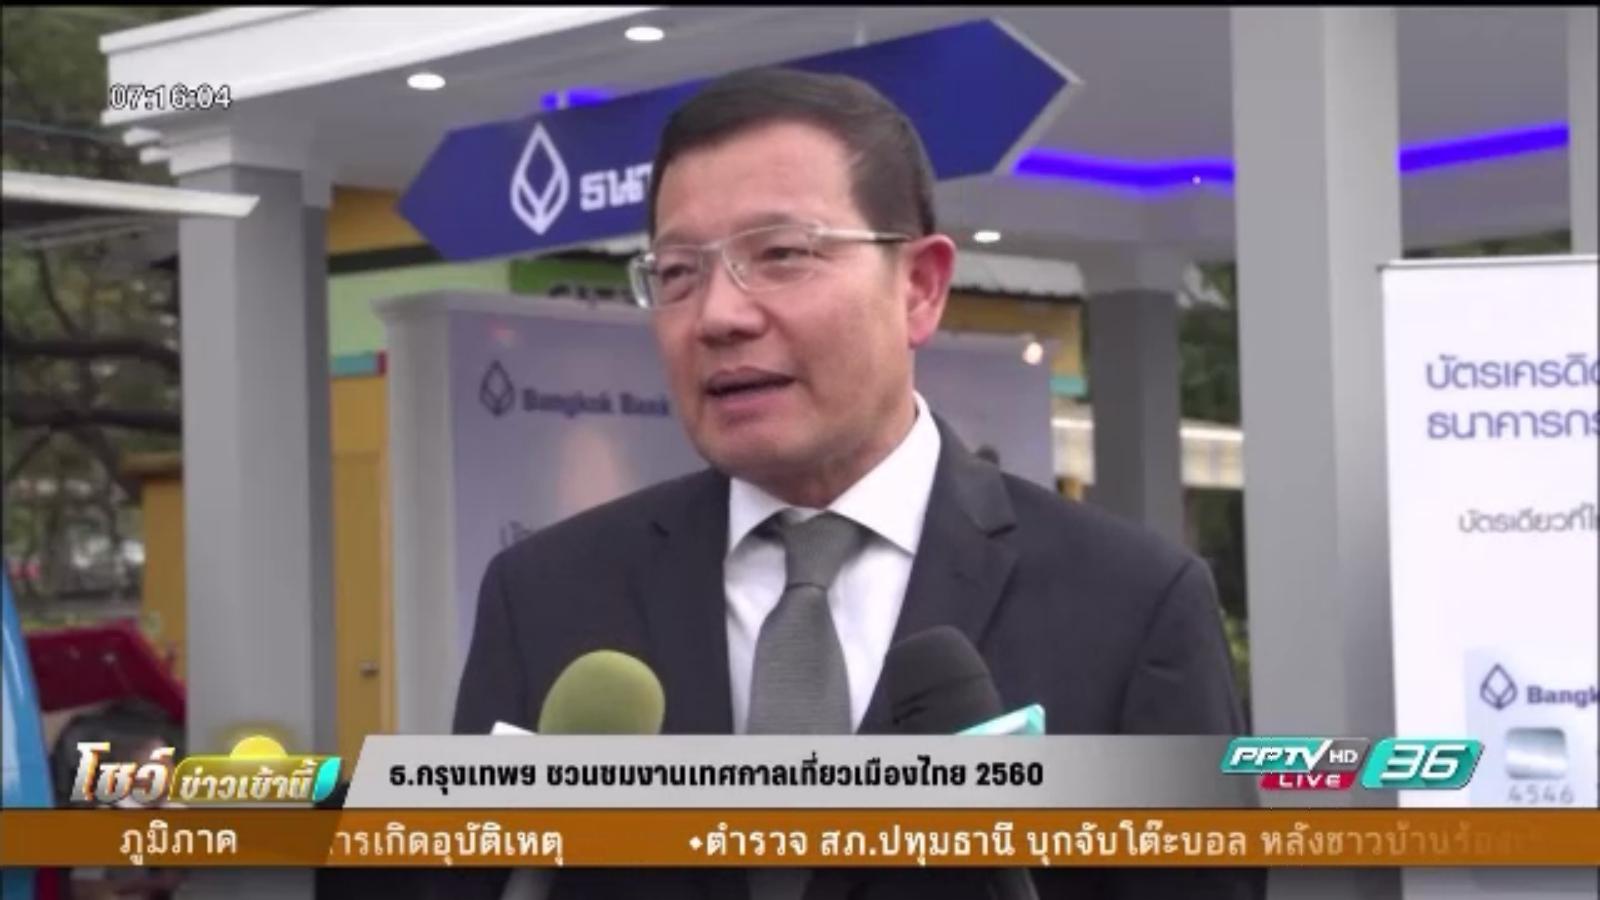 ธนาคารกรุงเทพ ร่วมกับการท่องเที่ยวแห่งประเทศไทย จัดงานเทศกาลเที่ยวเมืองไทย2560